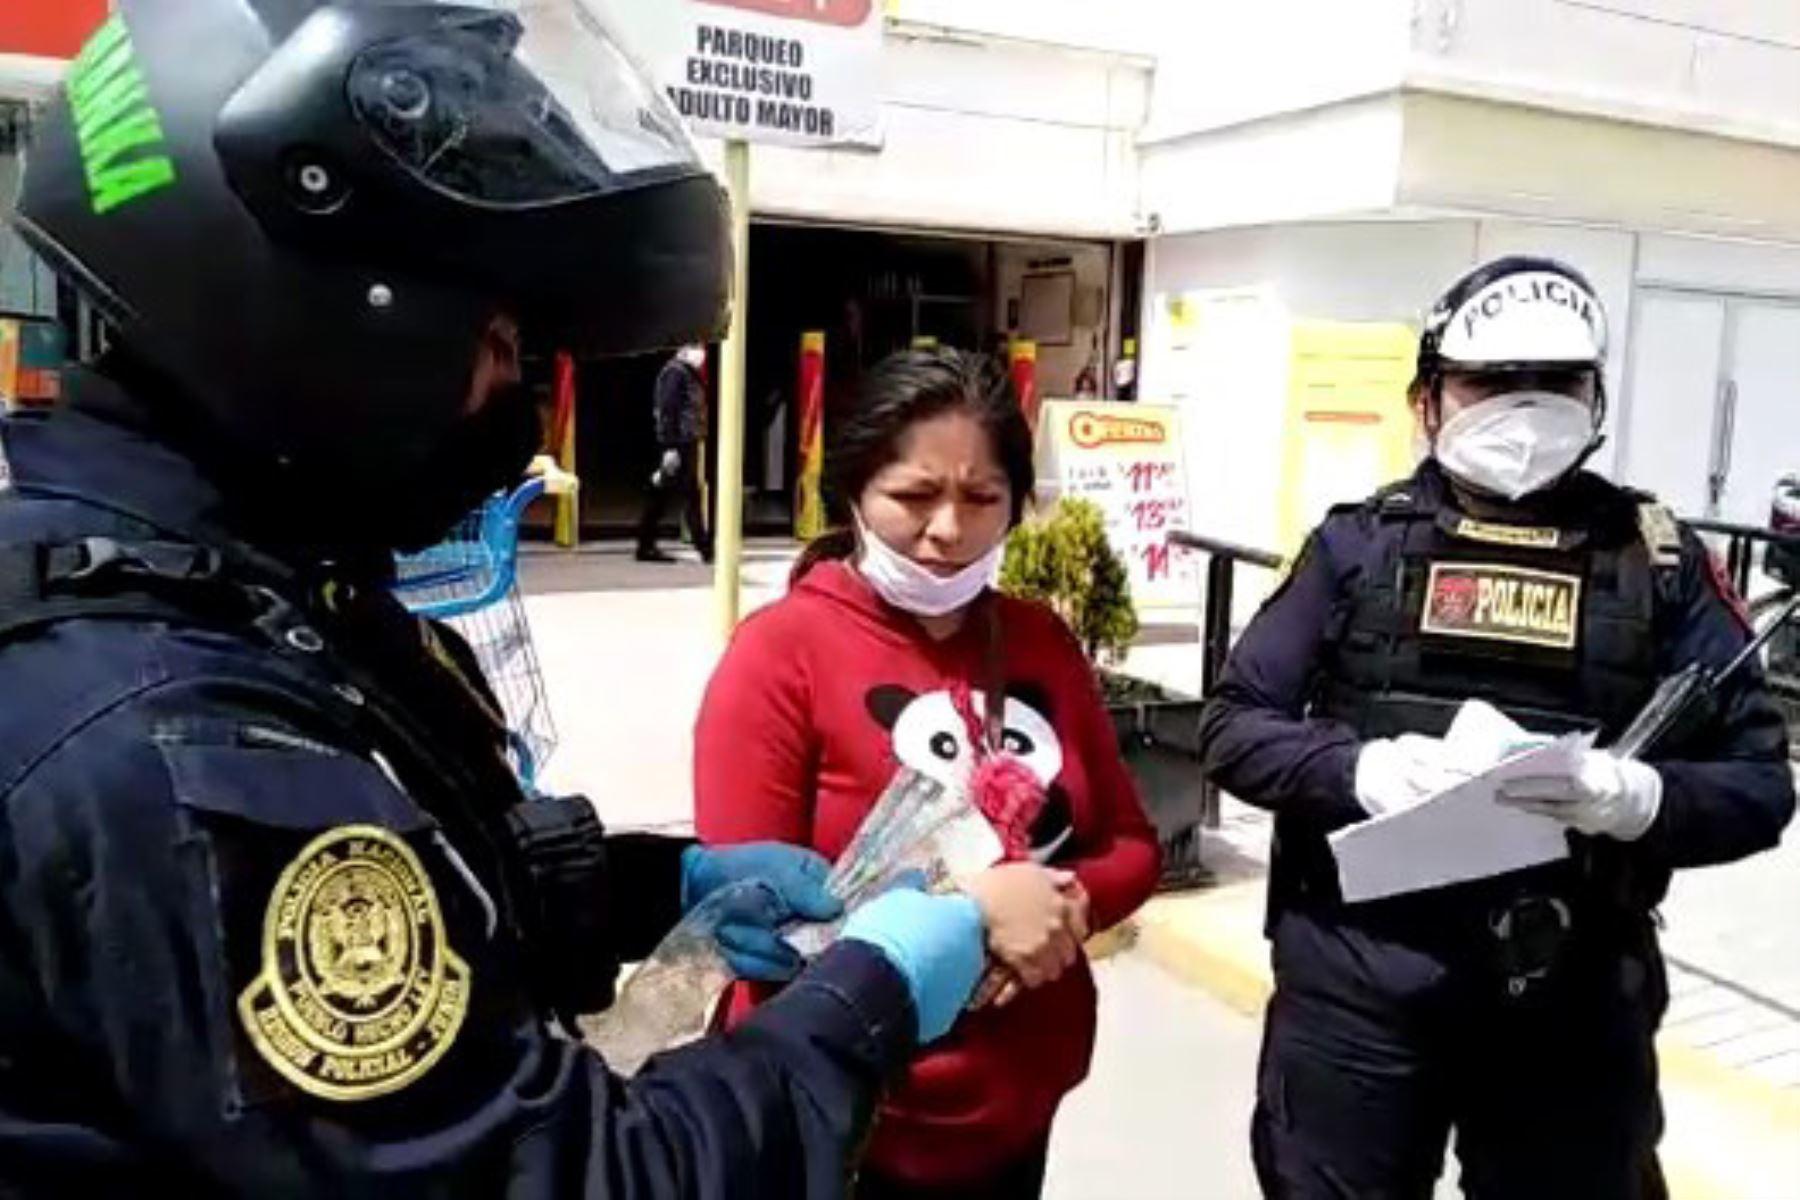 Mujer recuperó dinero que se le había trabado en un cajero automático en Huancayo, gracias a policías honestos. Foto: ANDINA/Difusión